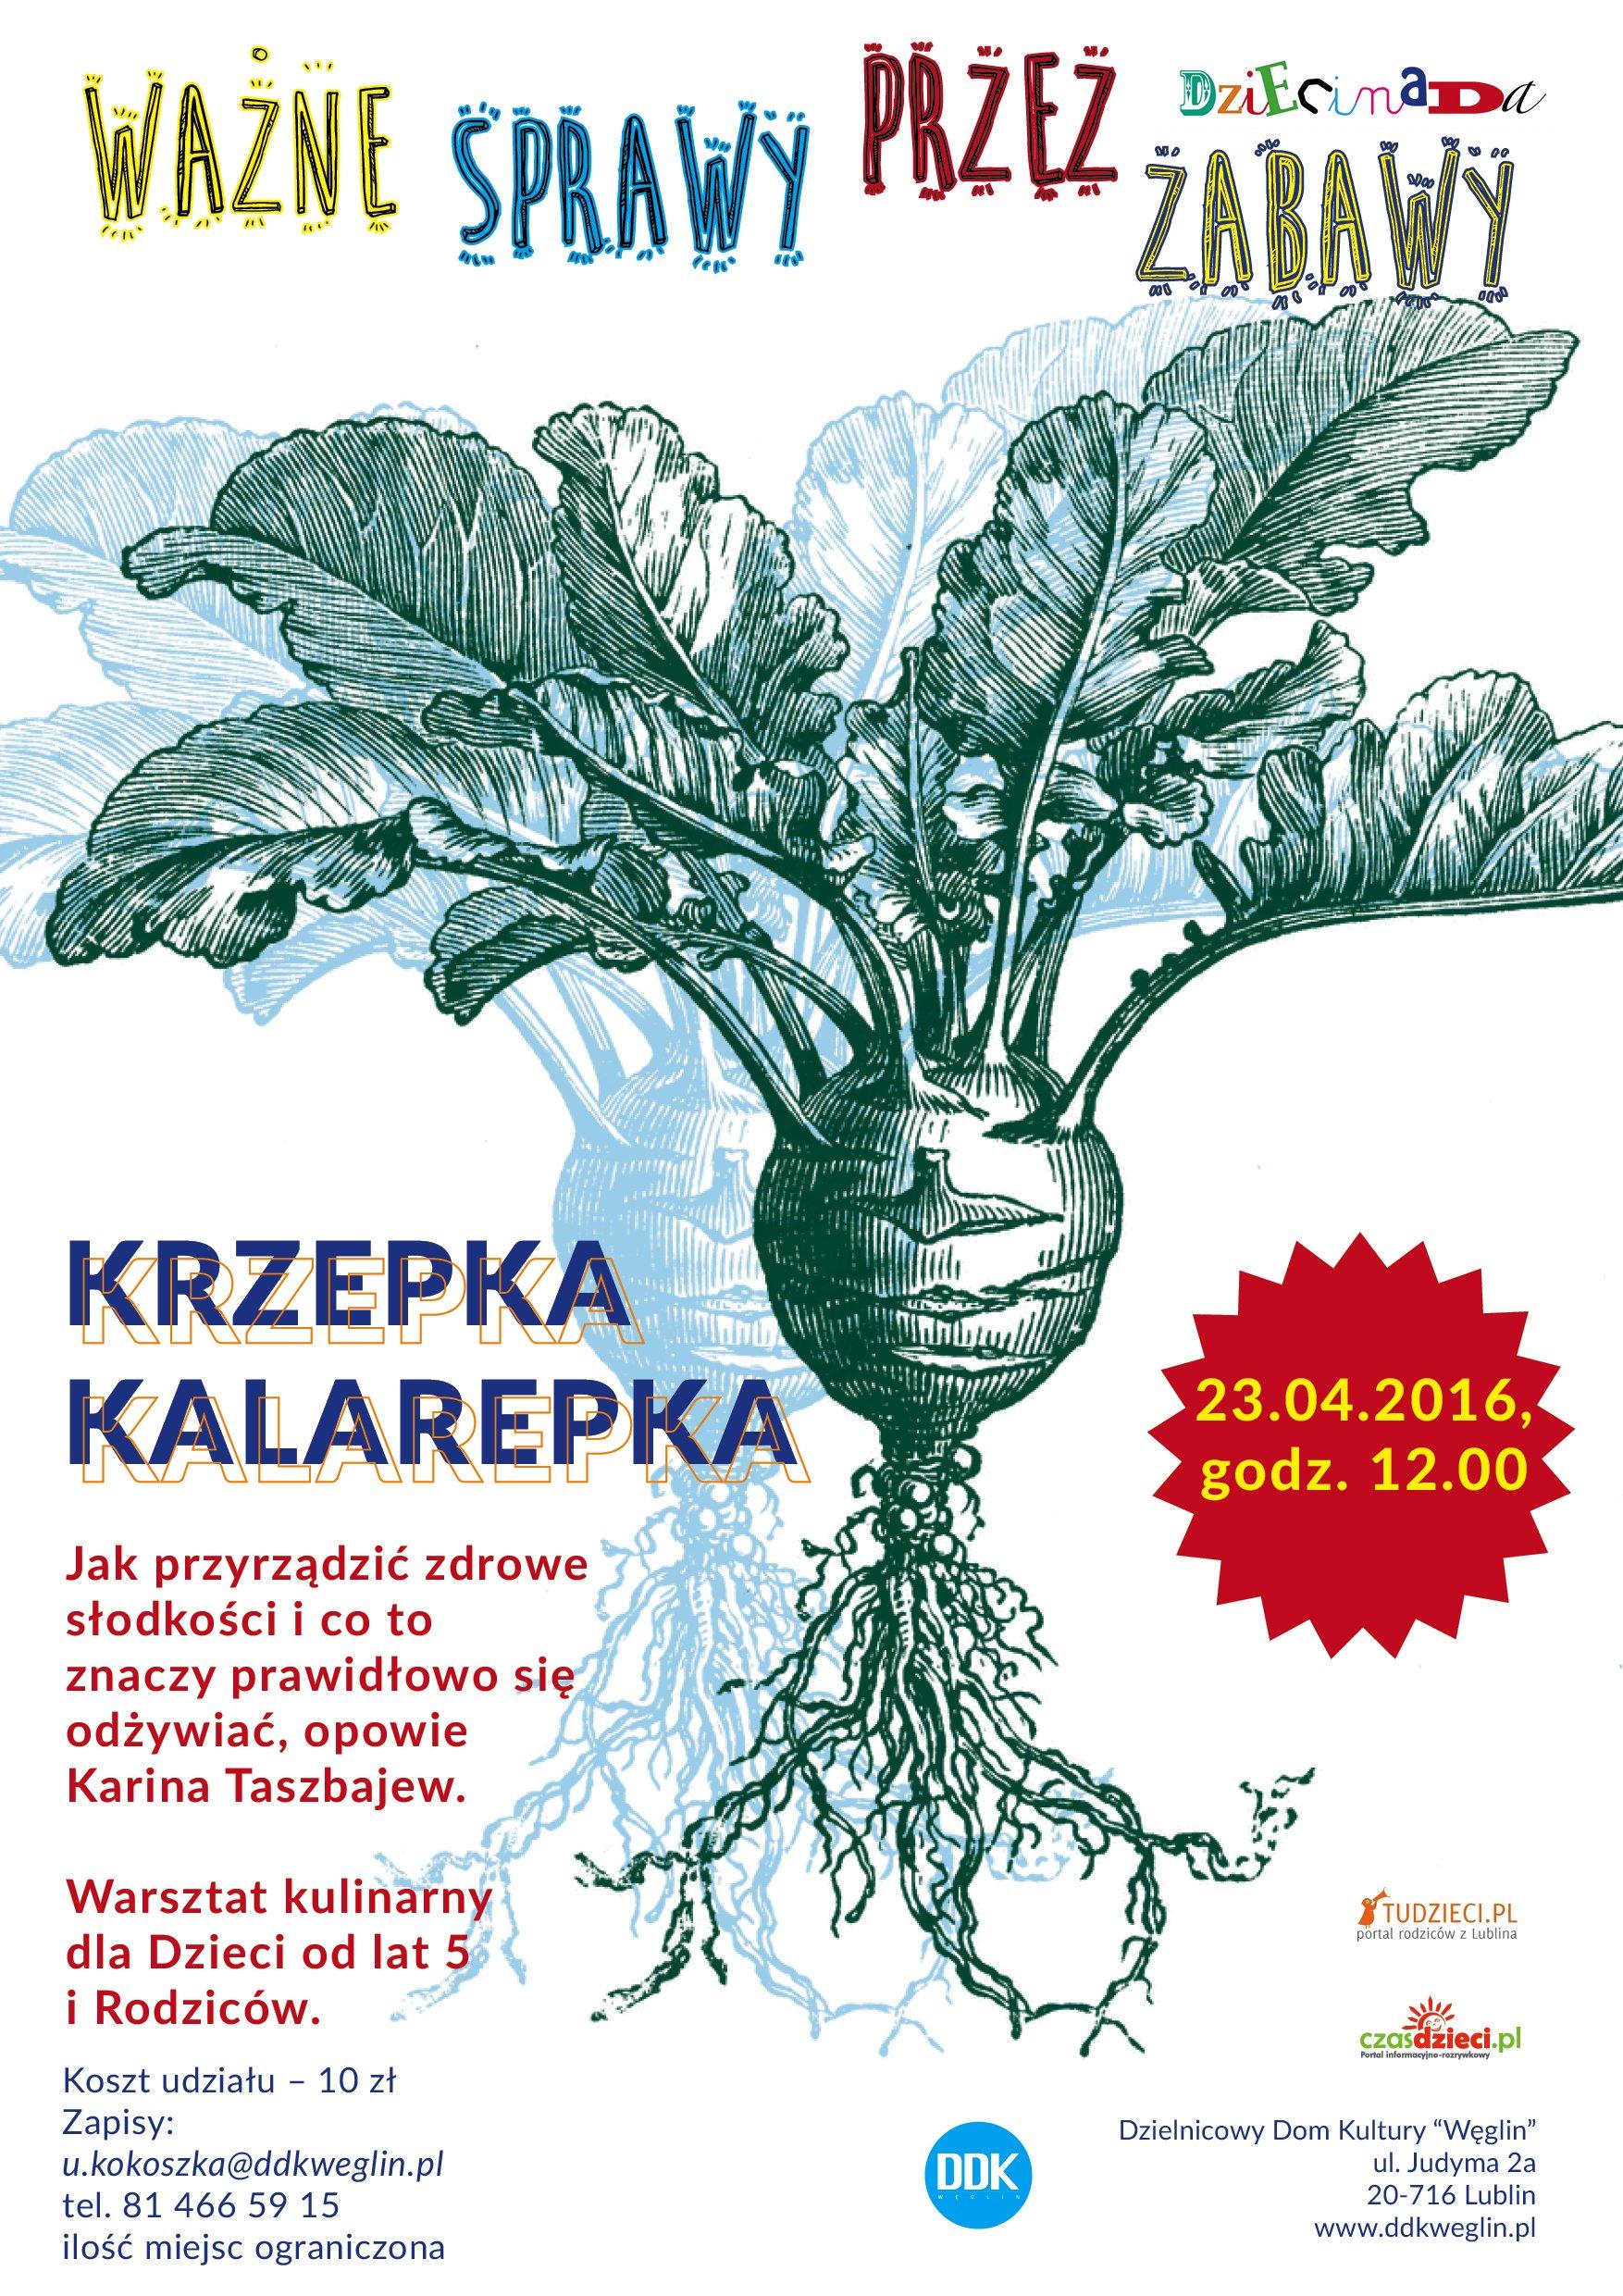 Krzepka kalarepka - zajęcia dla dzieci w Lublinie